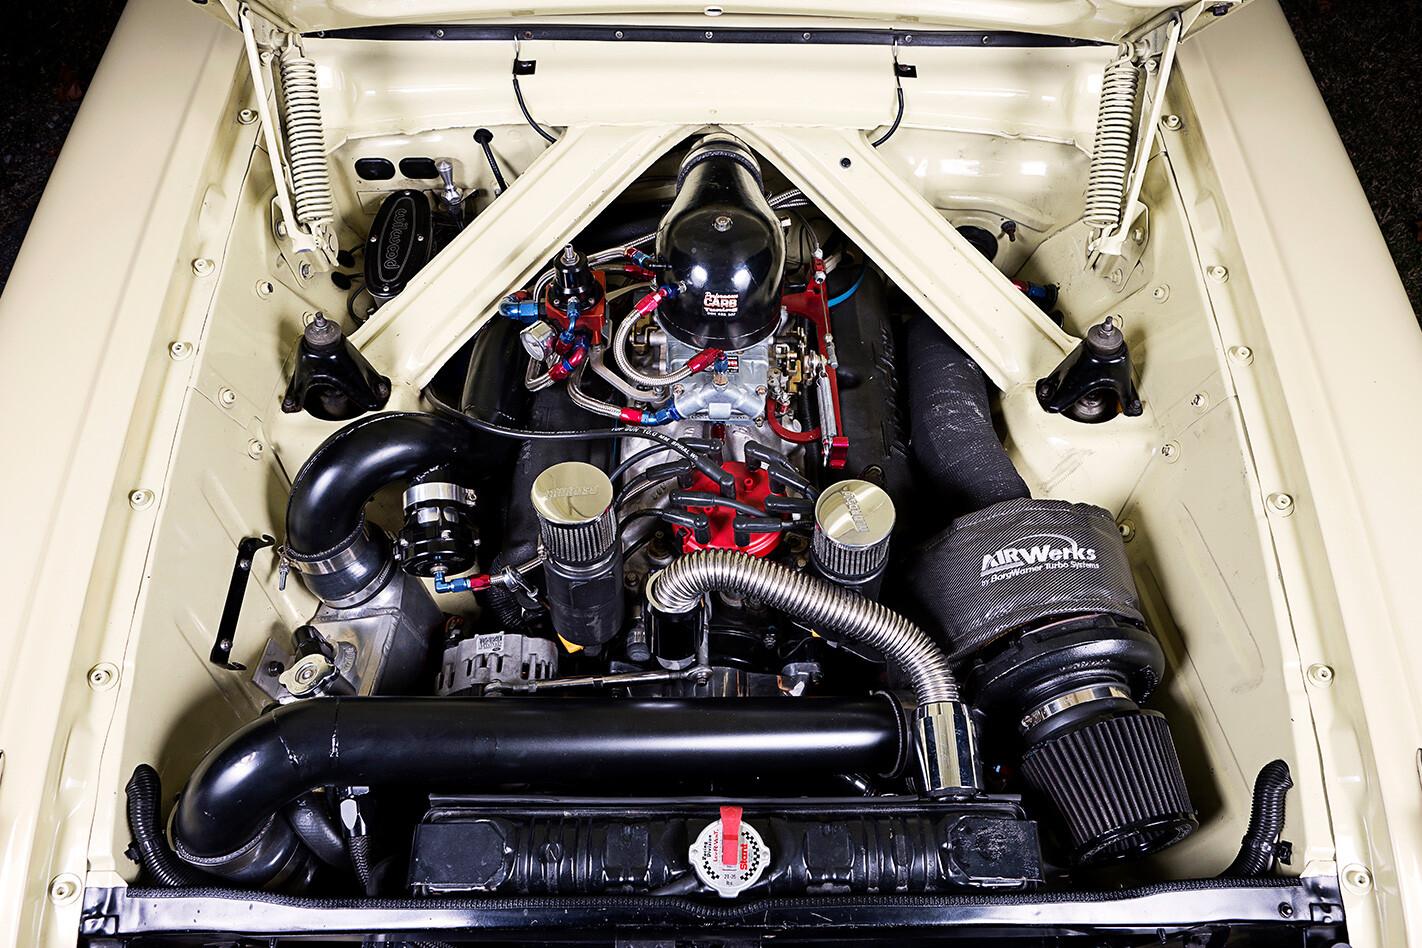 1963 FORD XL FUTURA Windsor engine